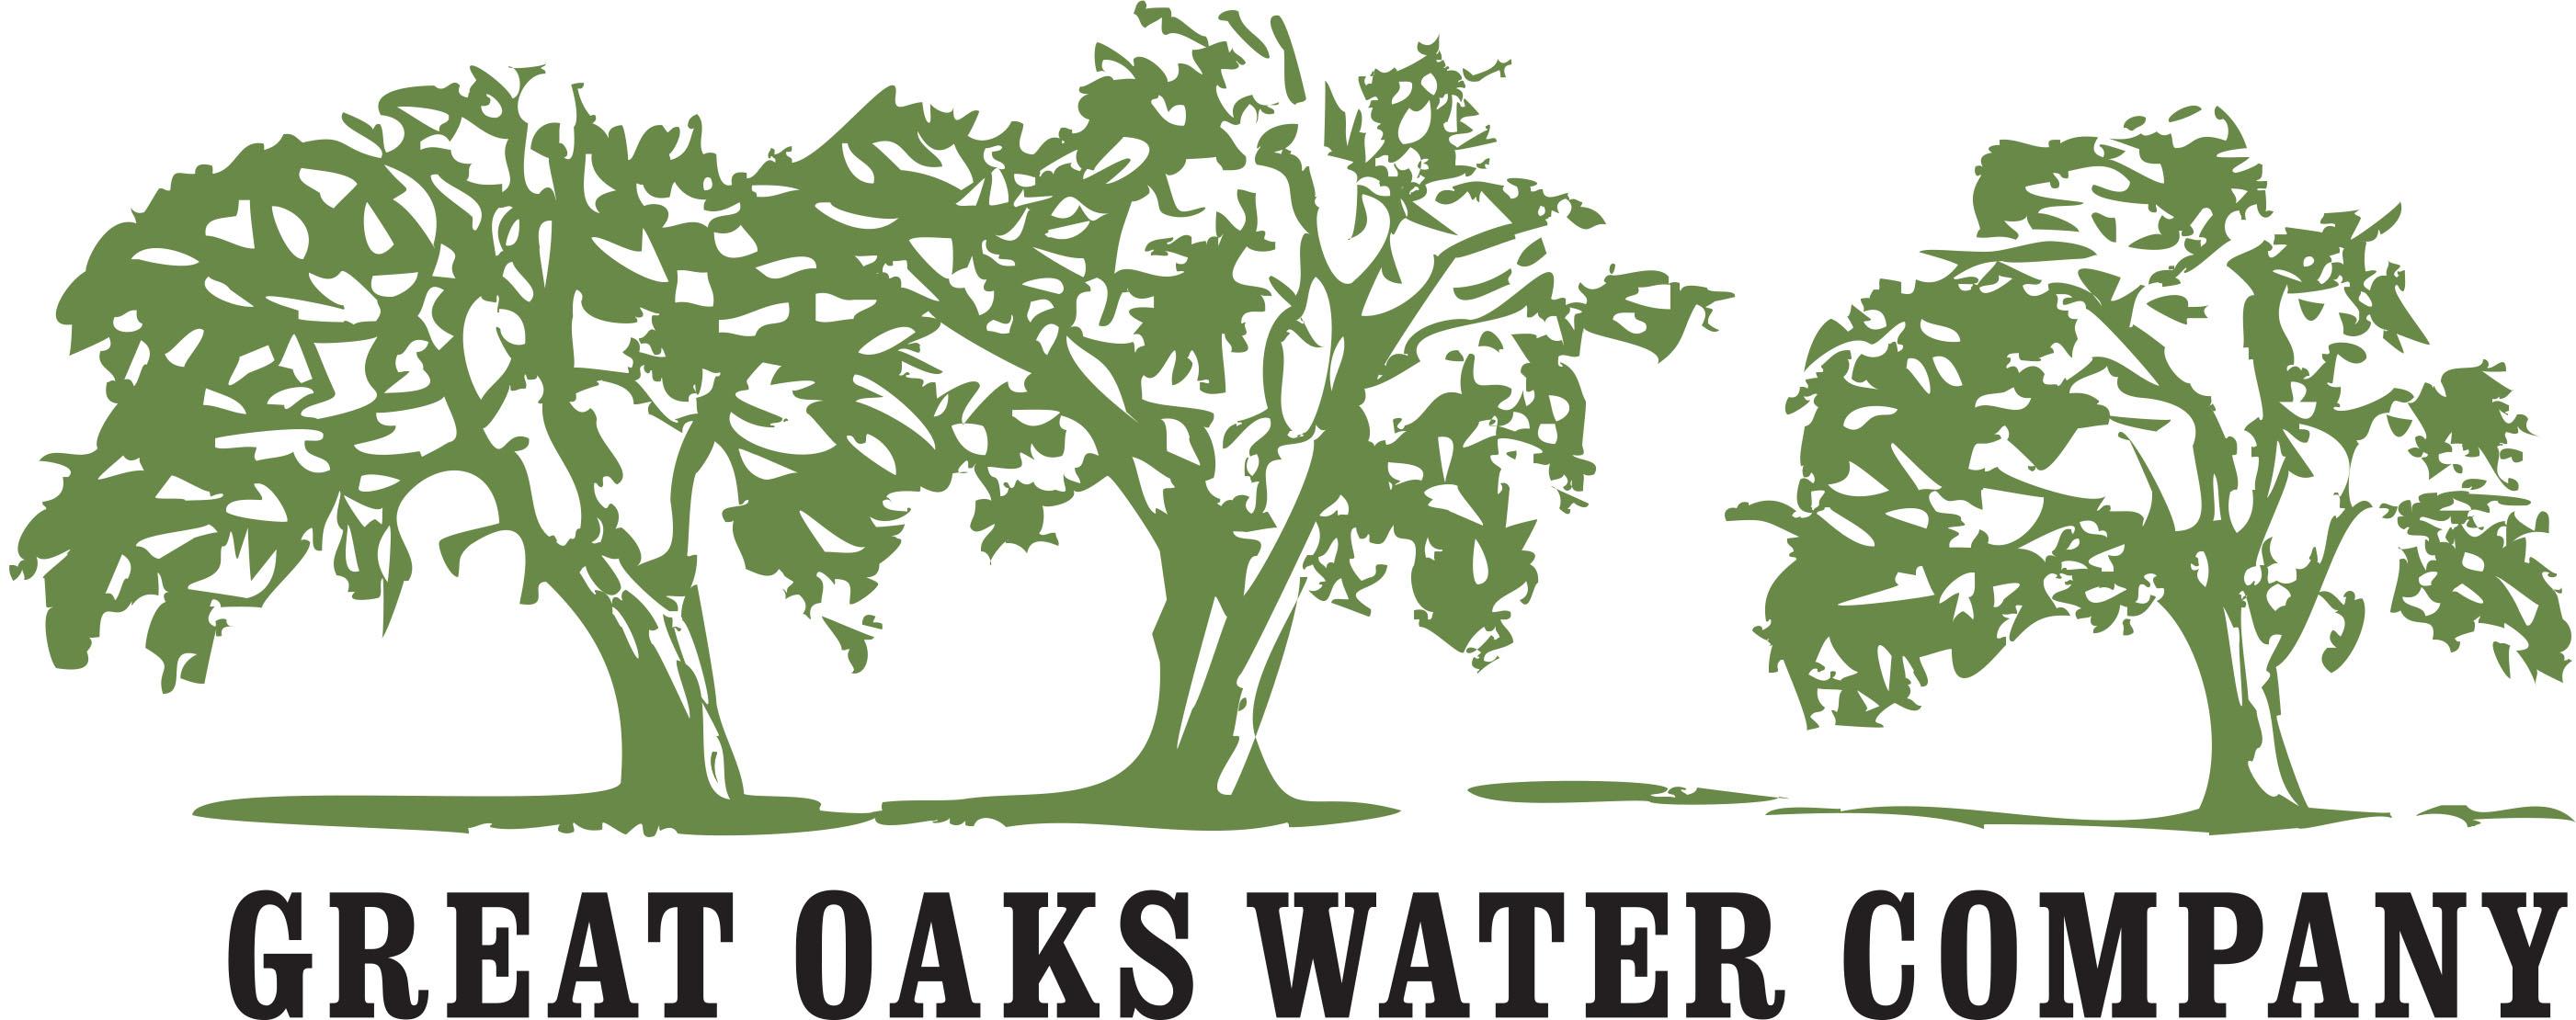 Great Oaks Water Company.